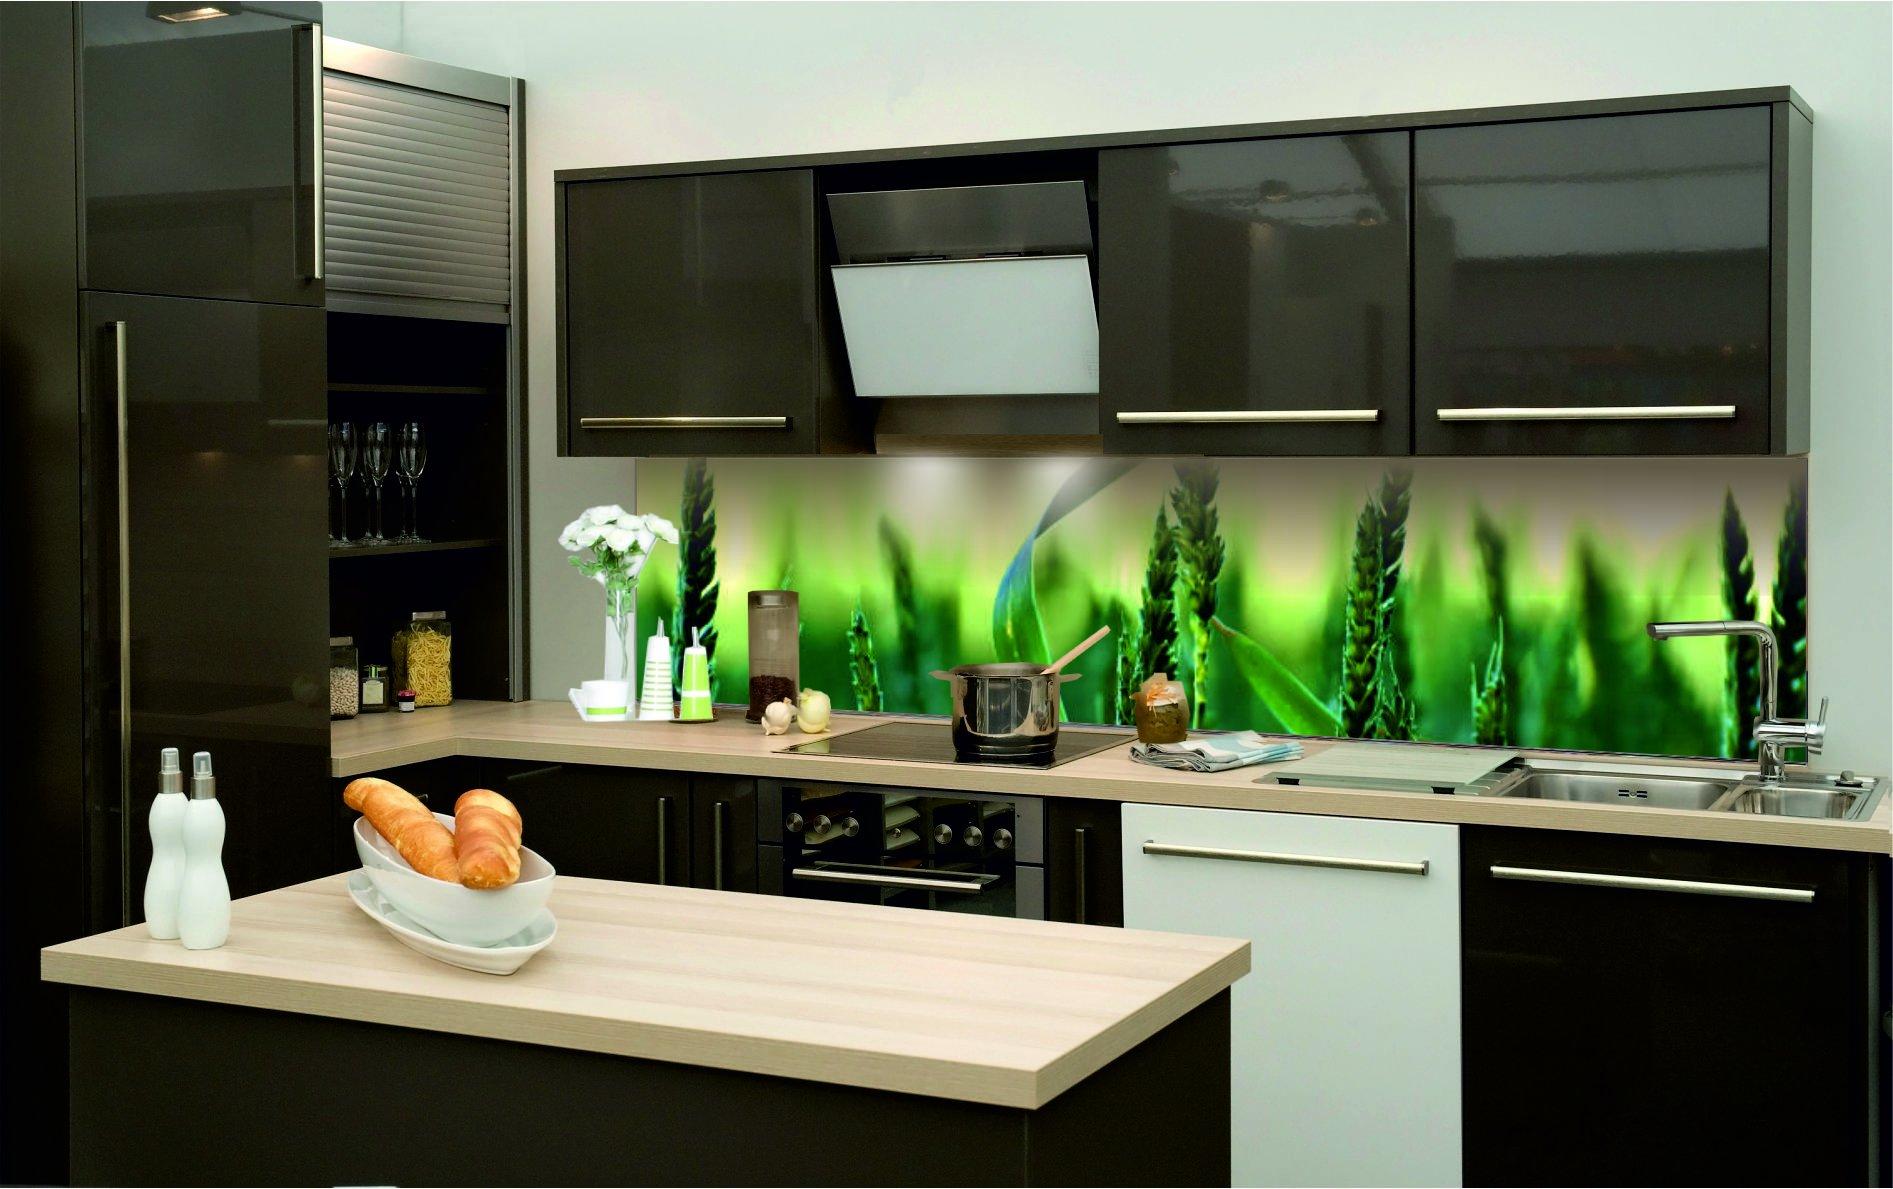 k chenr ckwand folie selbstklebend klebefolie landschaft natur getreide kfs65 ebay. Black Bedroom Furniture Sets. Home Design Ideas